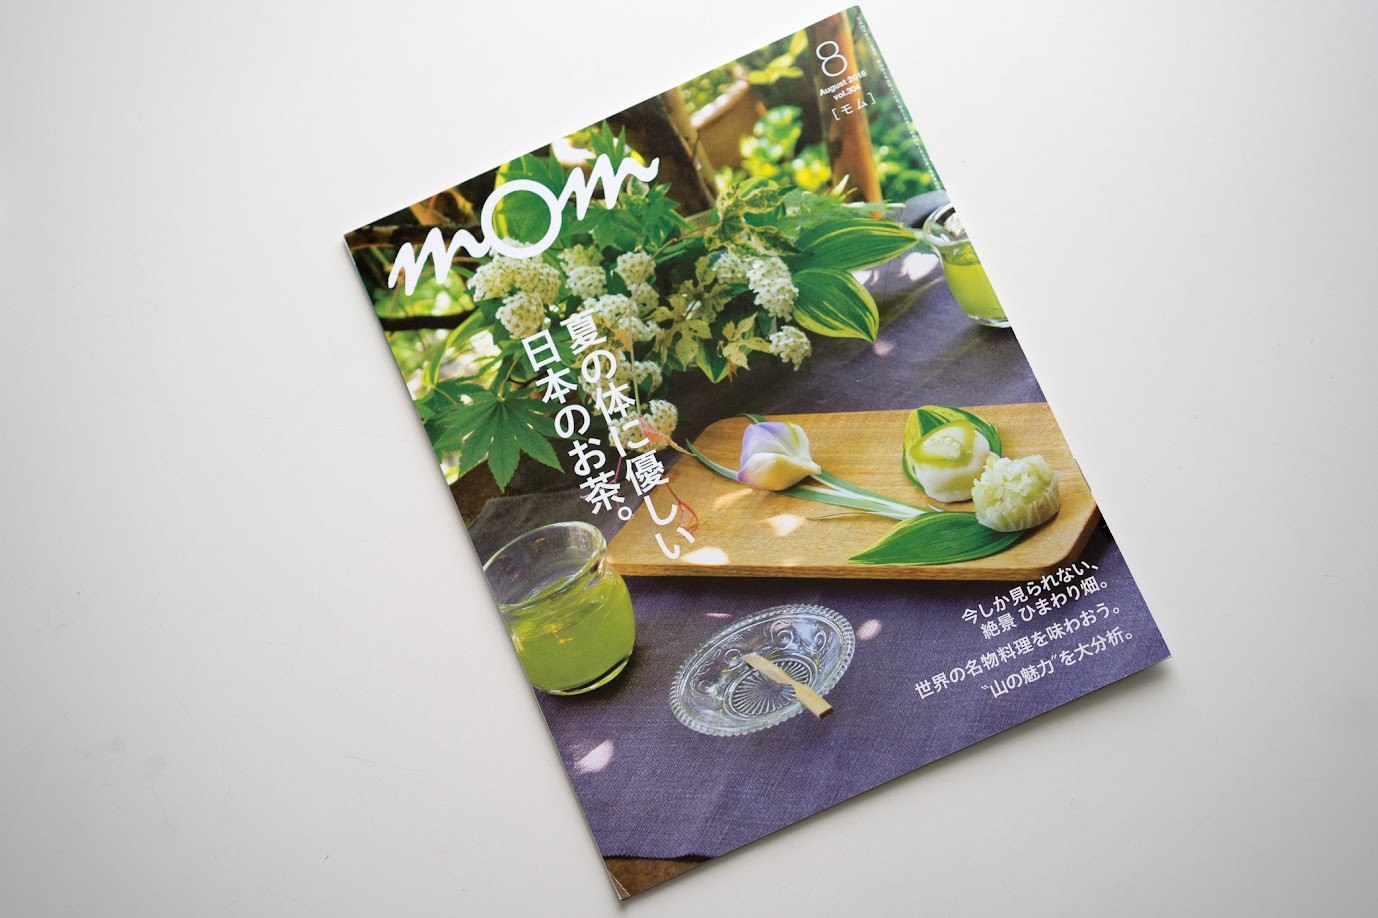 イオンカード会員誌の『mom(モム)』2016年8月号